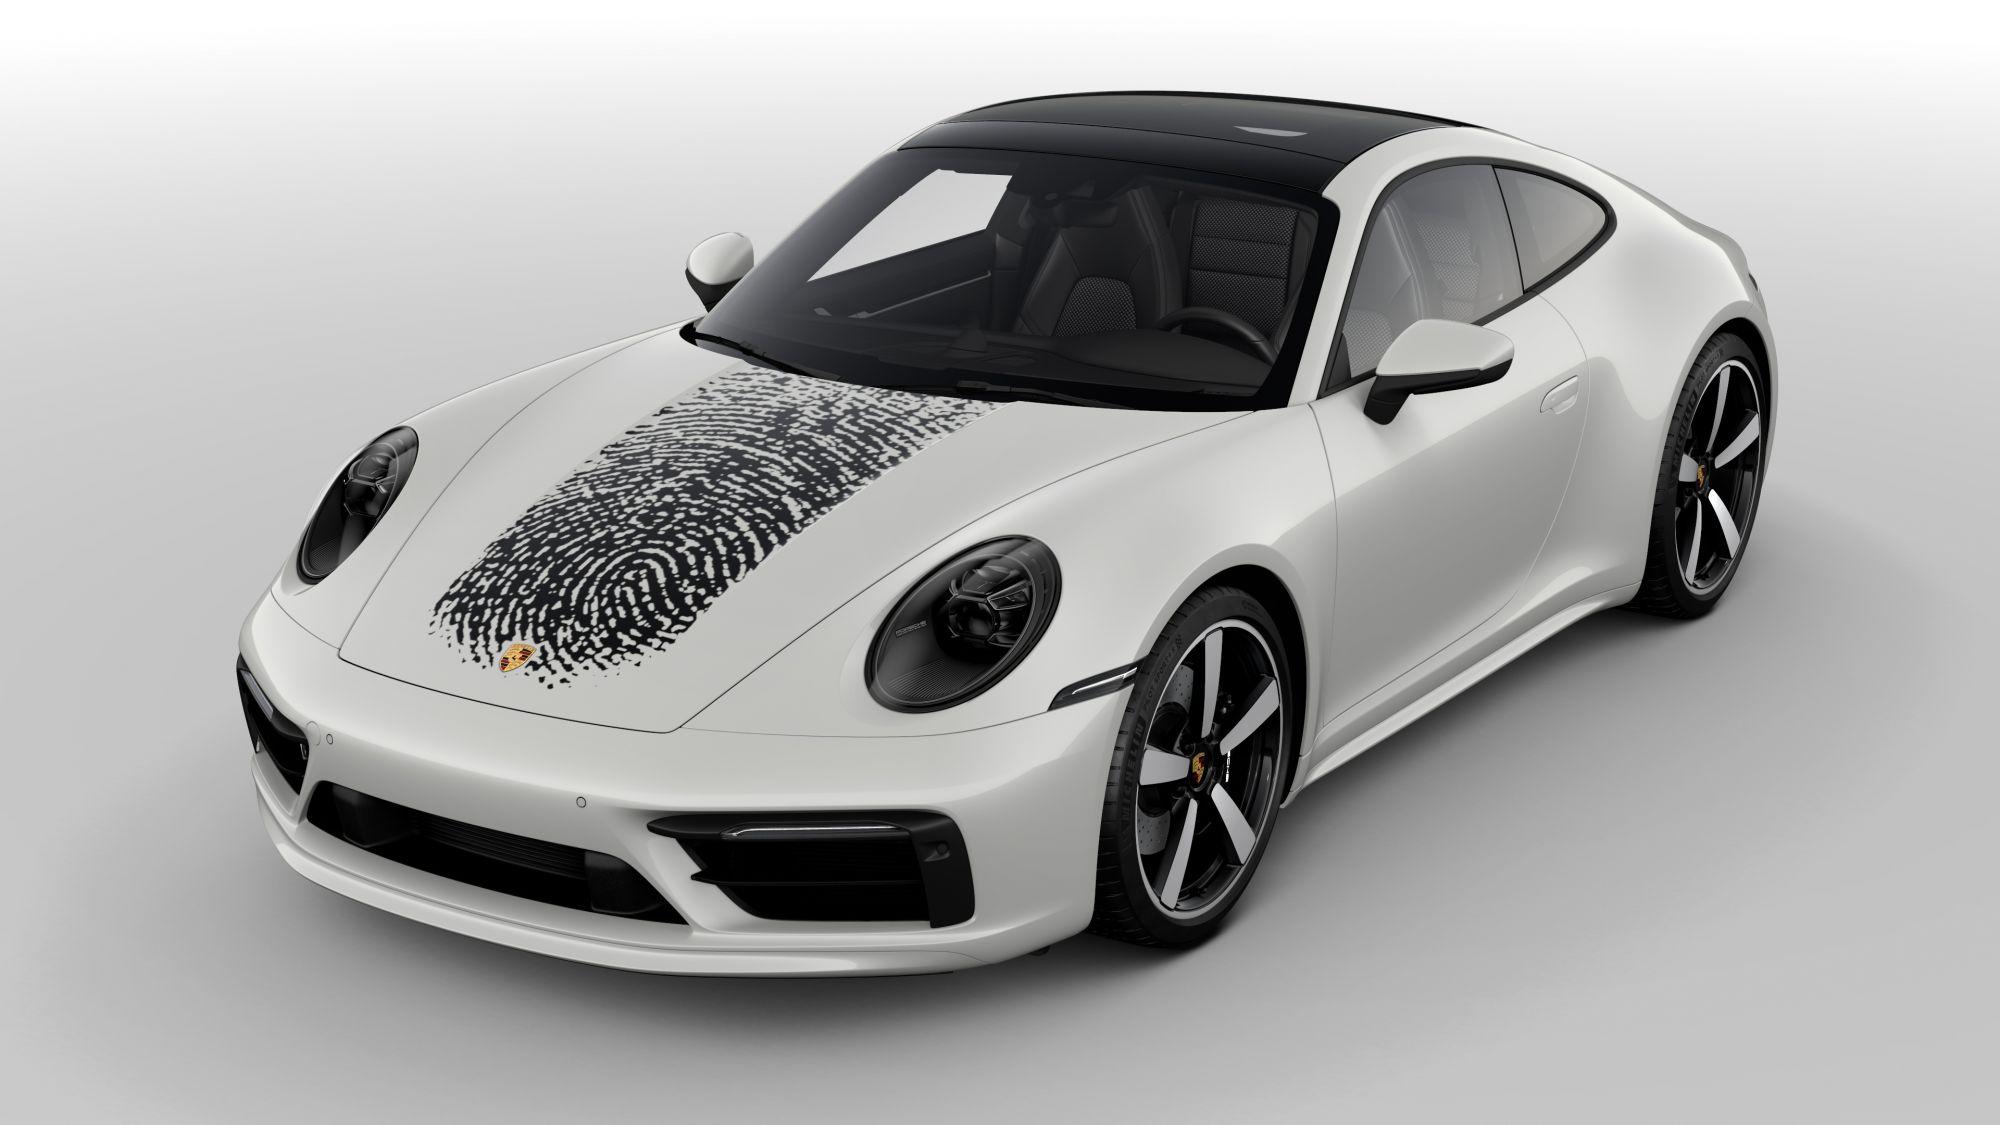 尊榮客製化的極致!Porsche車體塗層技術創新,個人指紋打造獨一無二的夢想保時捷